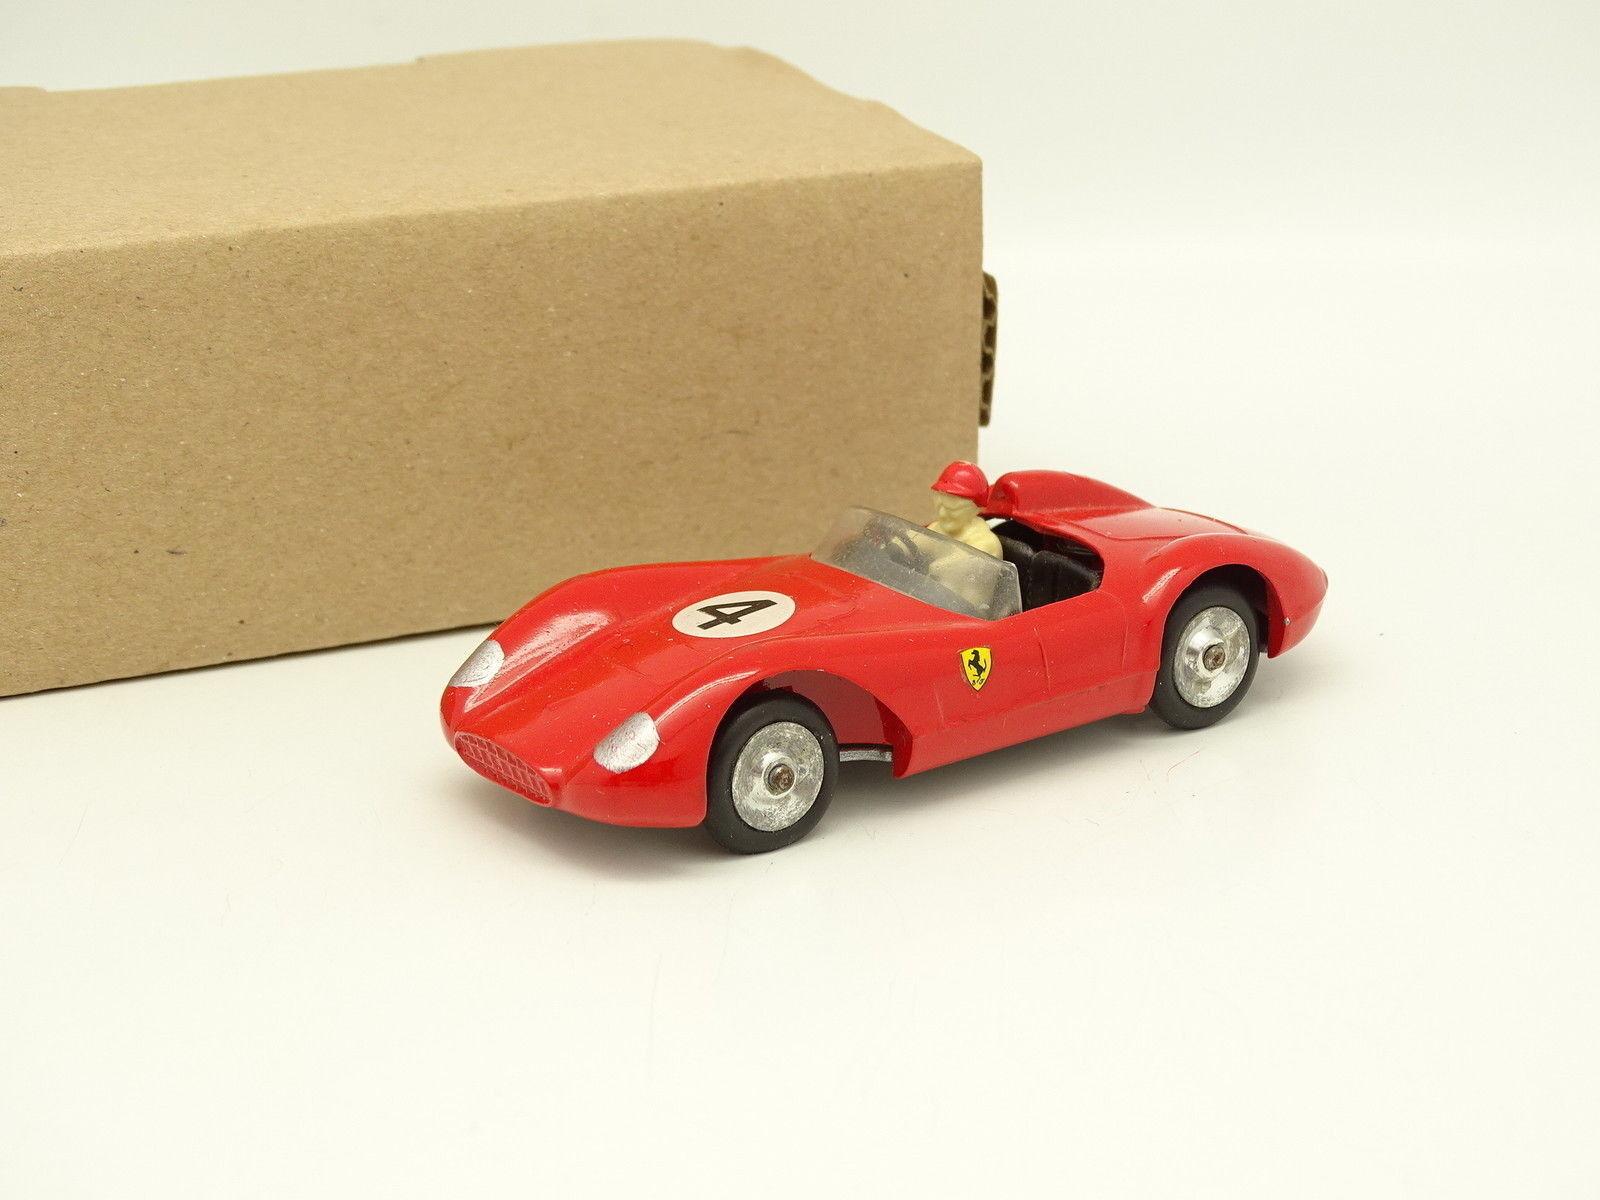 Solido + Transkit SB 1 43 - Ferrari 500 TRC N.4